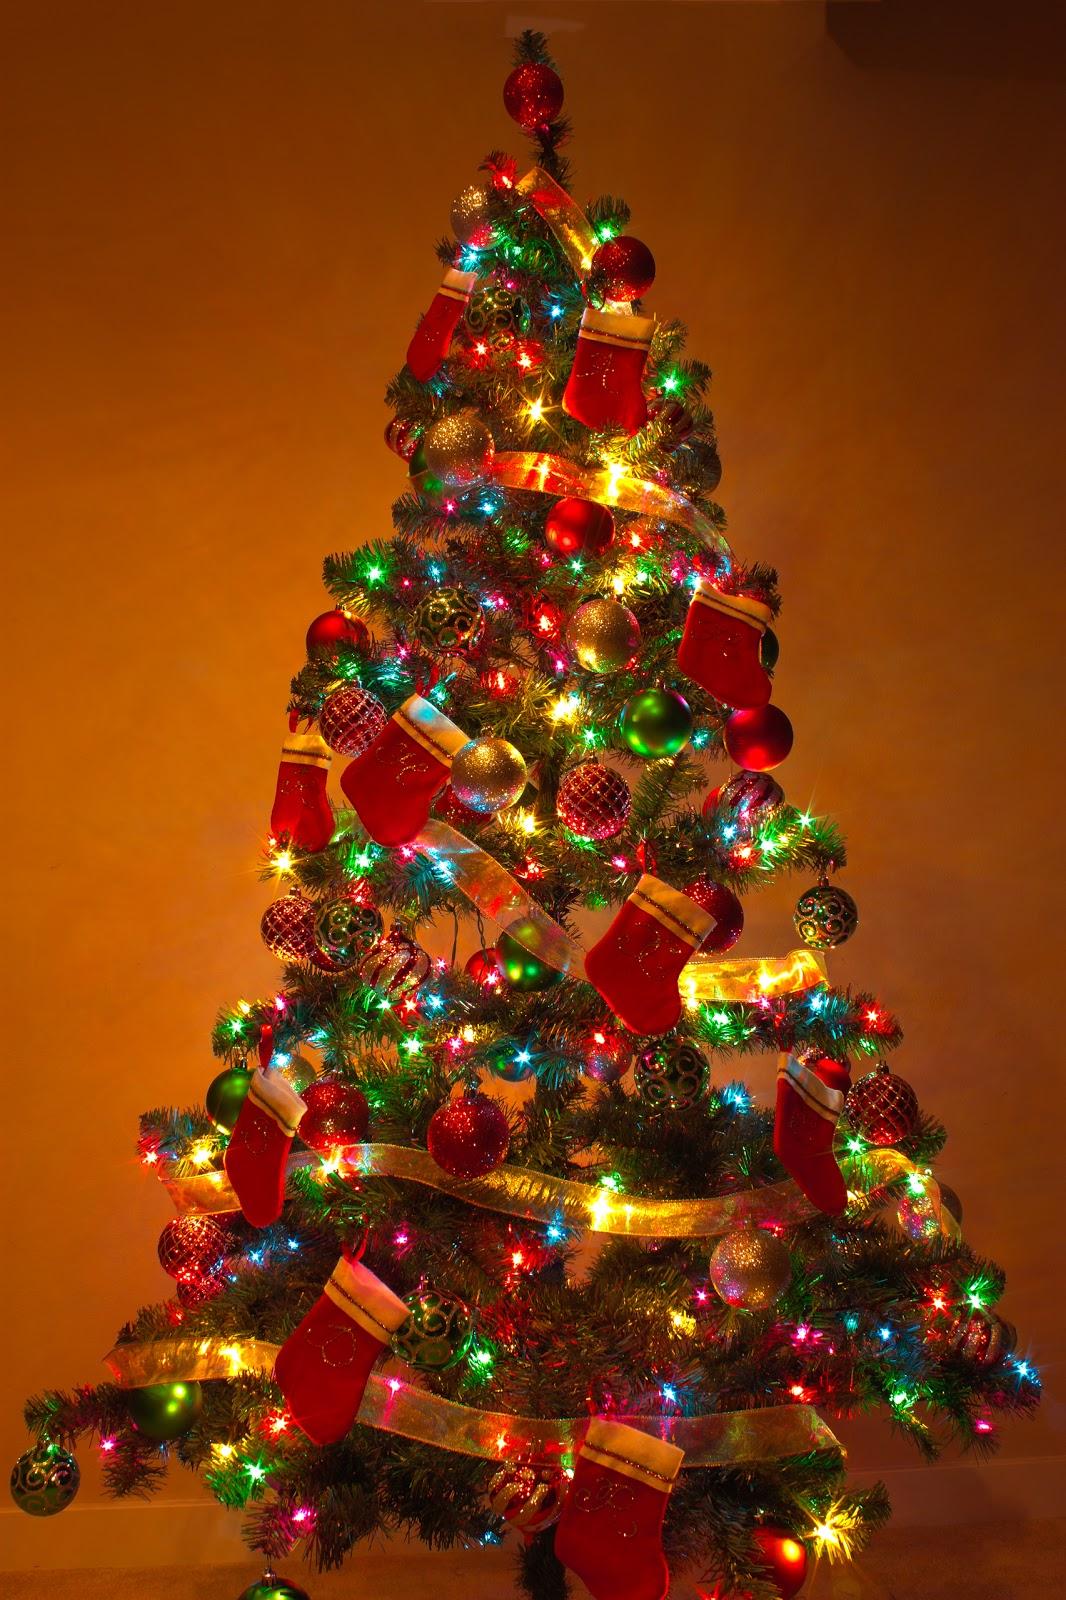 a estas alturas del ao la mayora de los hogares se encuentran adornadas para la navidad prxima y esto incluye el tradicional rbol decorado con luces